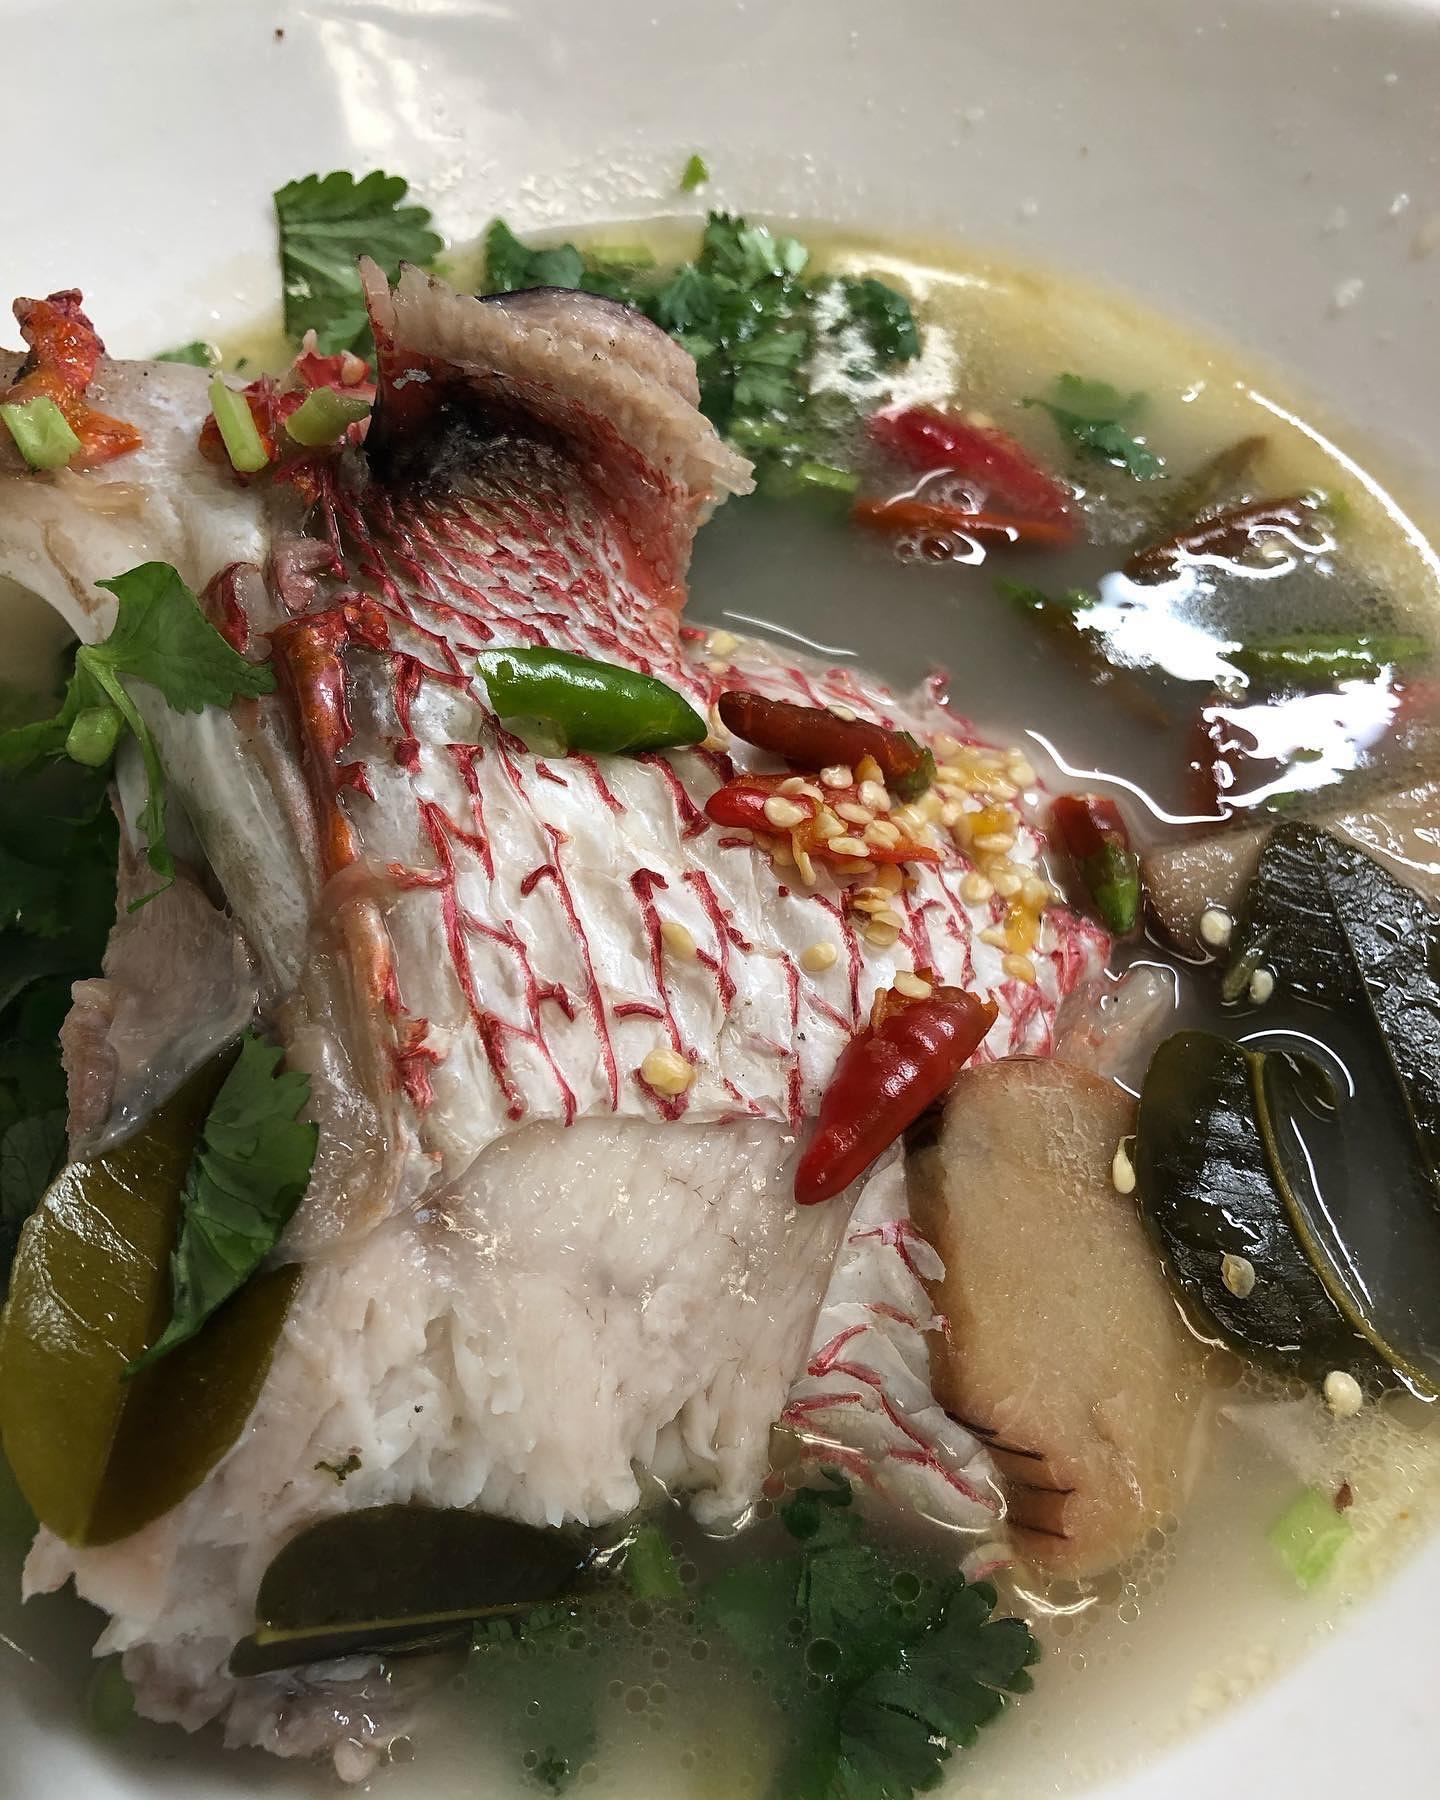 กุ้งกระเทียม หัวปลากะพงแดงต้มยำ